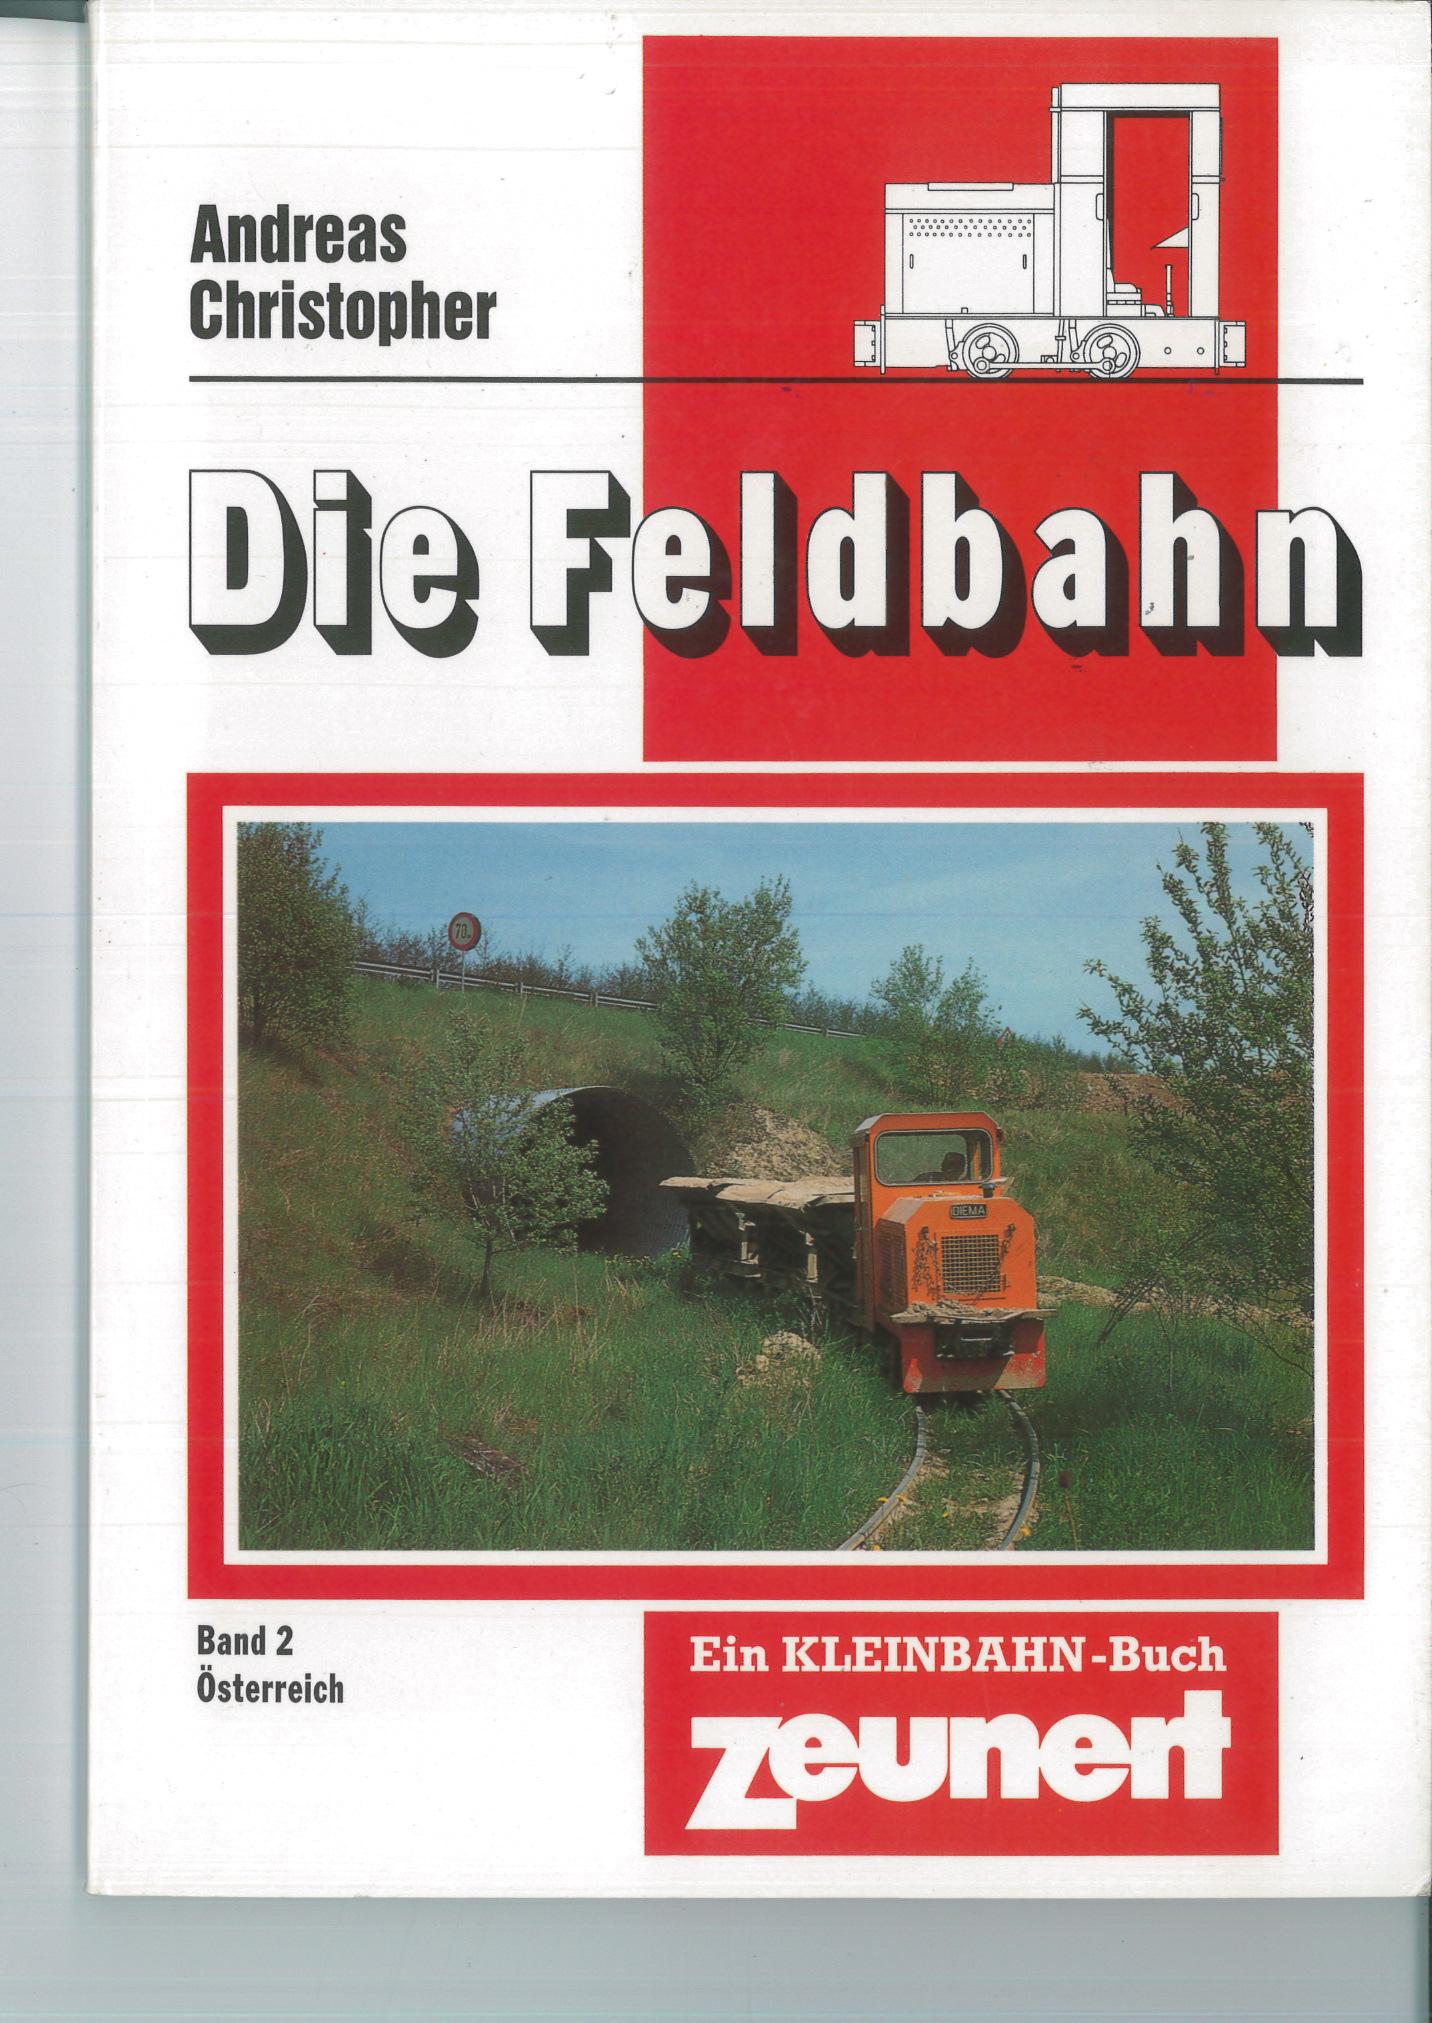 Die Feldbahn, Band 2 - Österreich  - Andreas Christopher, Zeunert Verlag | günstig bestellen bei Modelleisenbahn Center  MCS Vertriebs GmbH